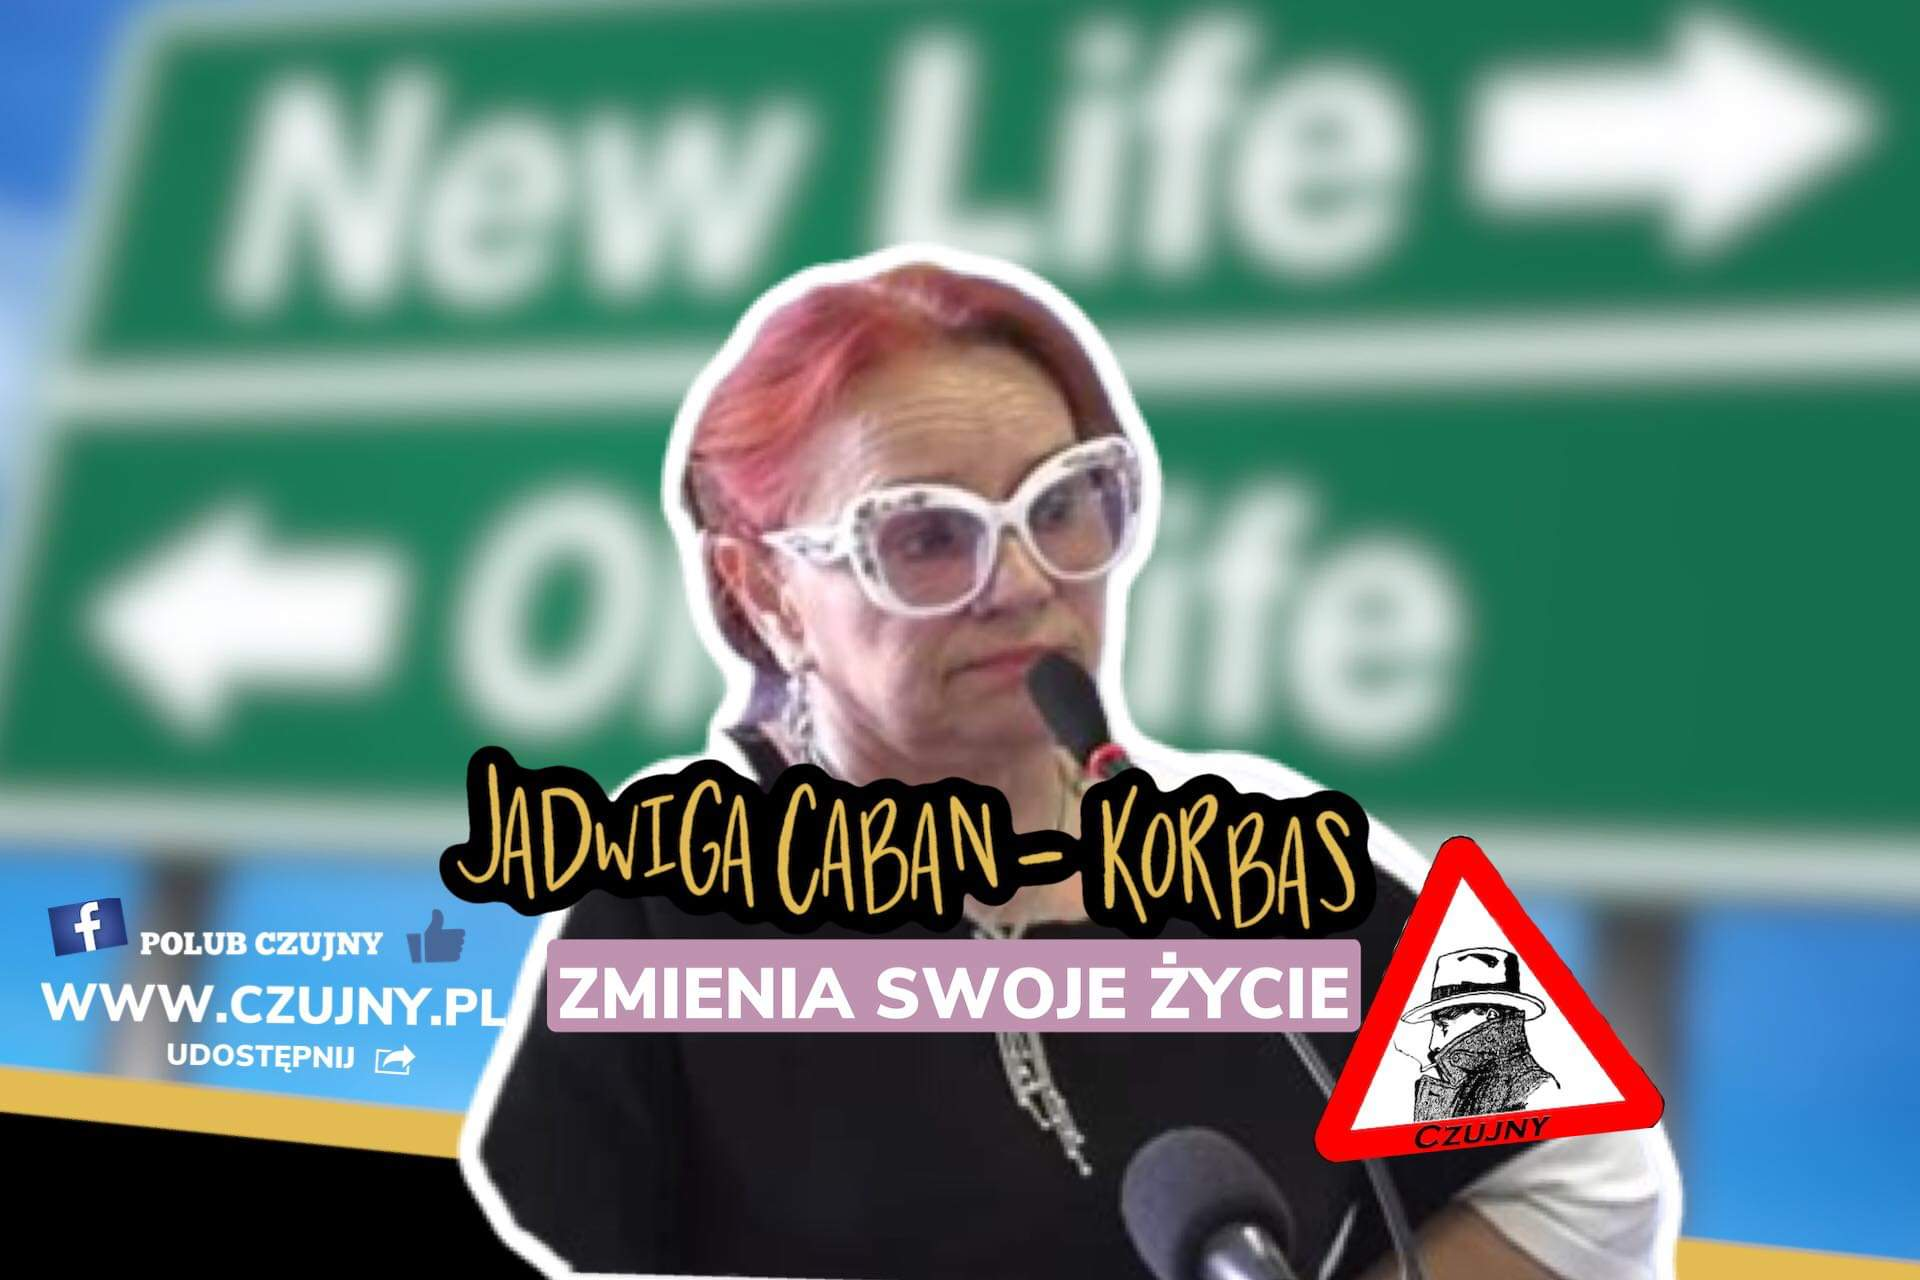 Sławna Jadwiga Caban-Korbas ze słubickiego sanepidu zmieniła swoje życie!